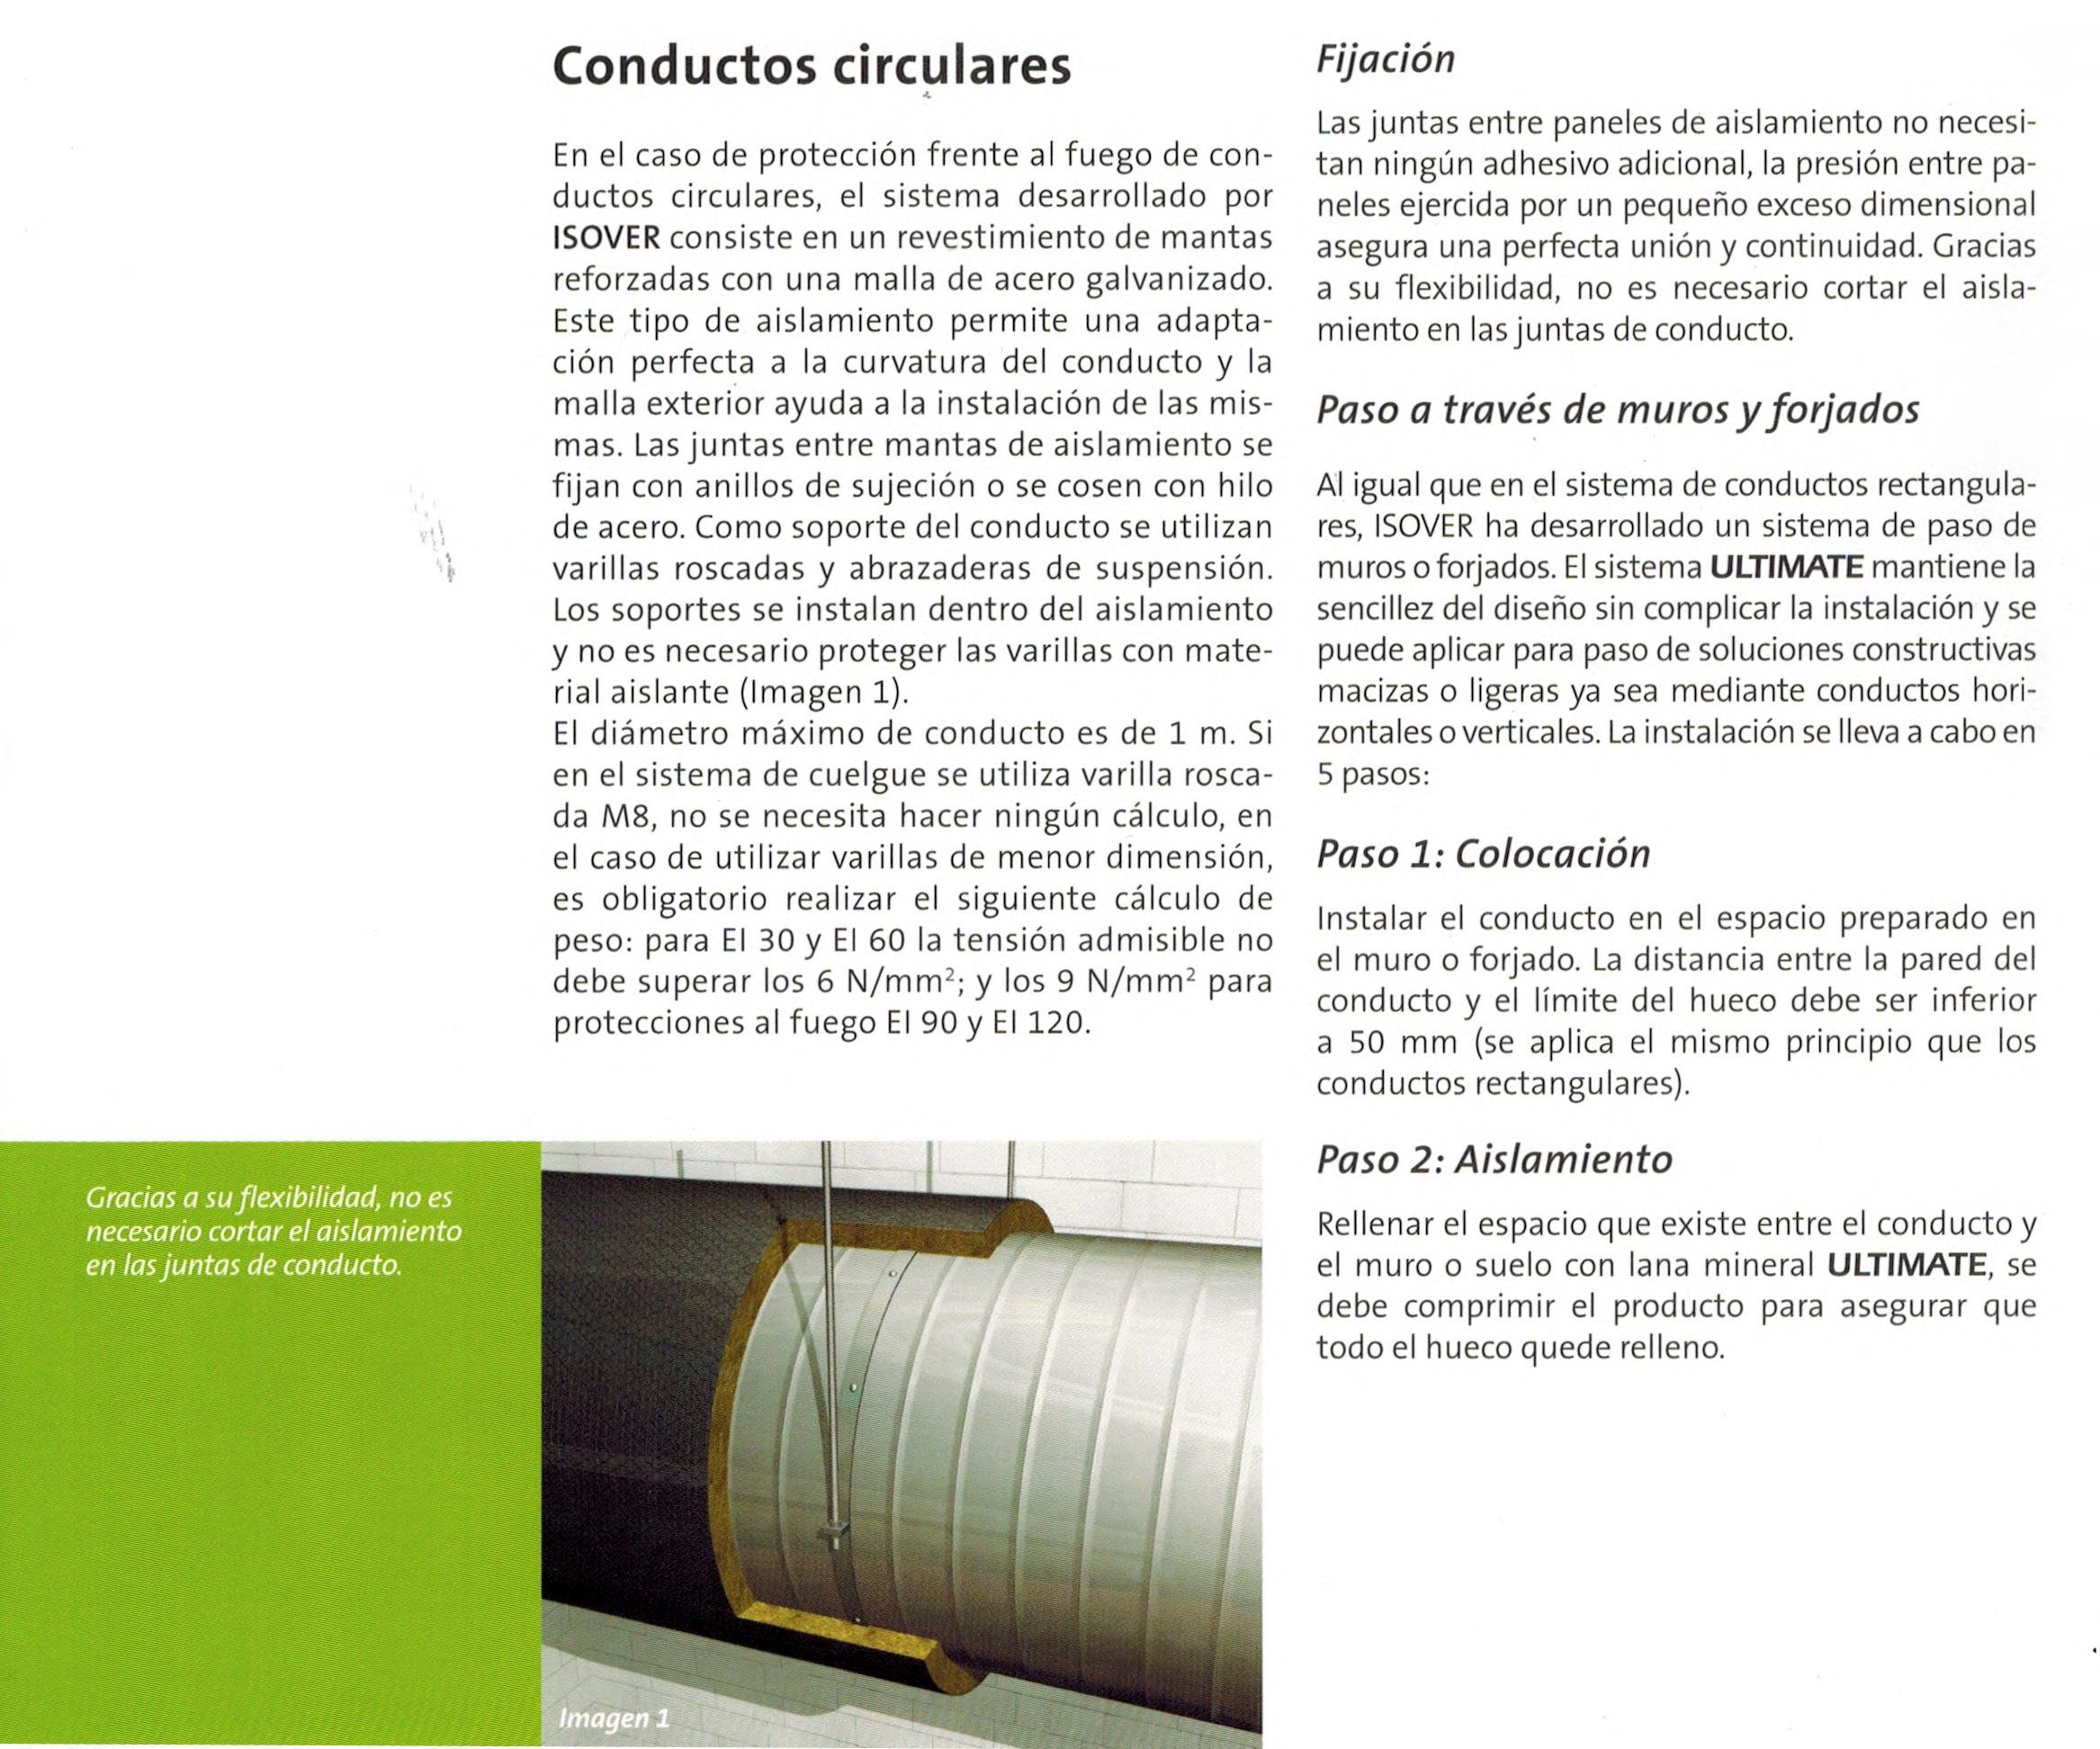 Aplicaci n a conducto circular de chapa fergotub - Conductos de chapa ...